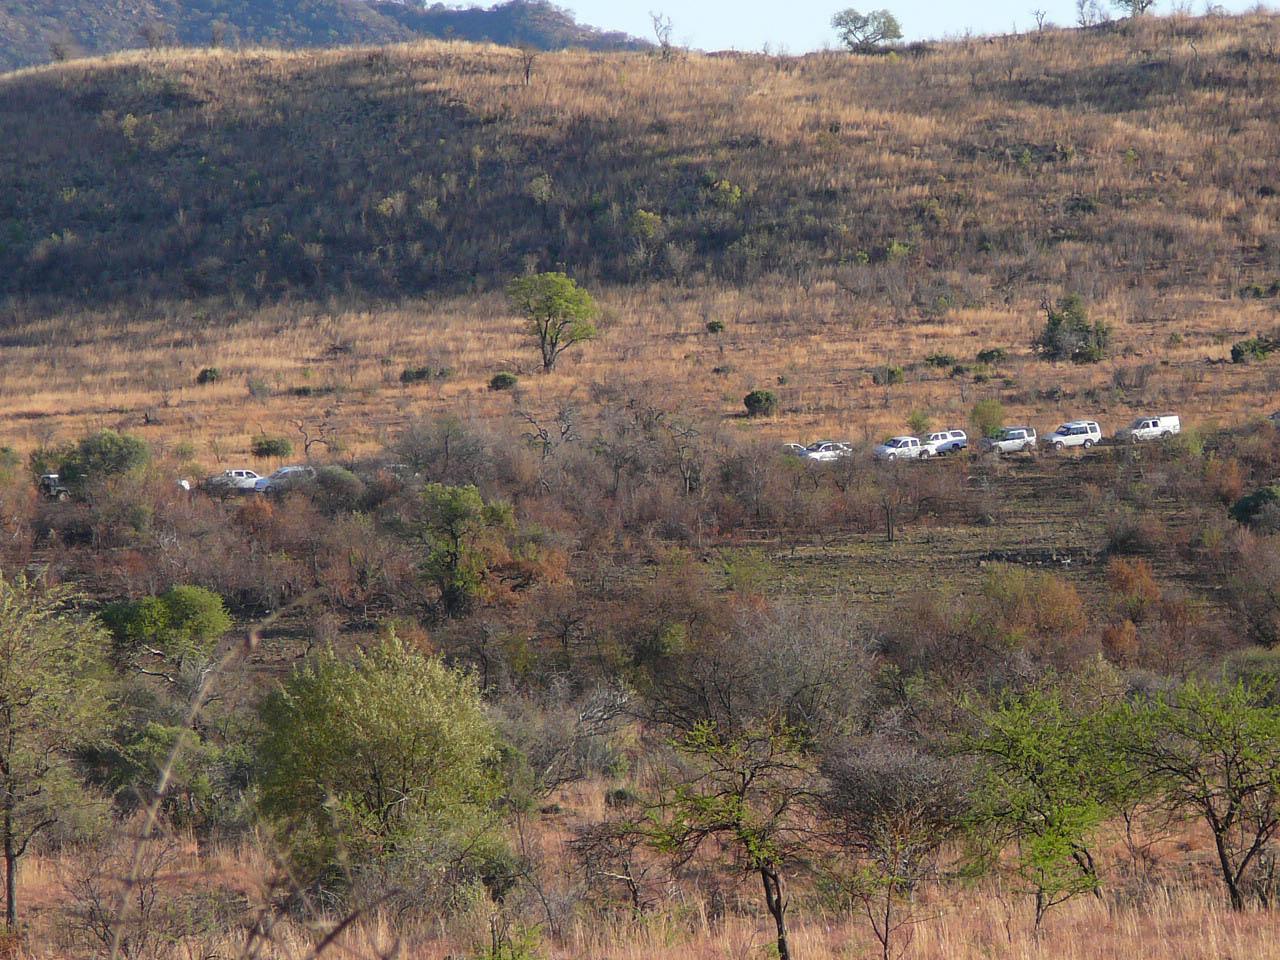 Traffic jam in Pilanesberg watching a lion